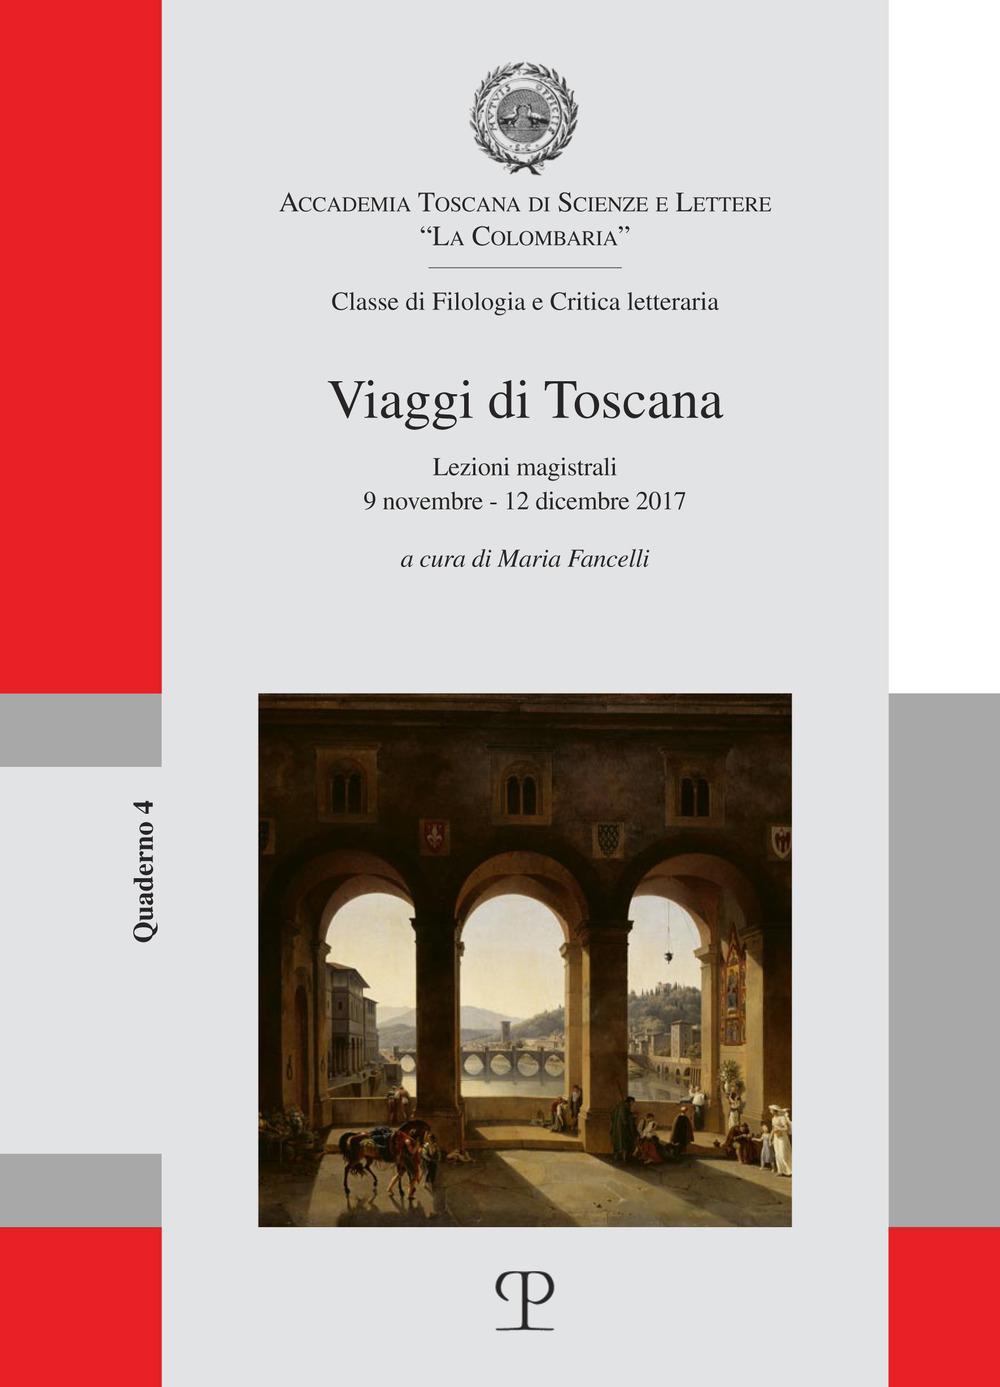 Viaggi di Toscana. Lezioni magistrali (9 novembre-12 dicembre 2017)